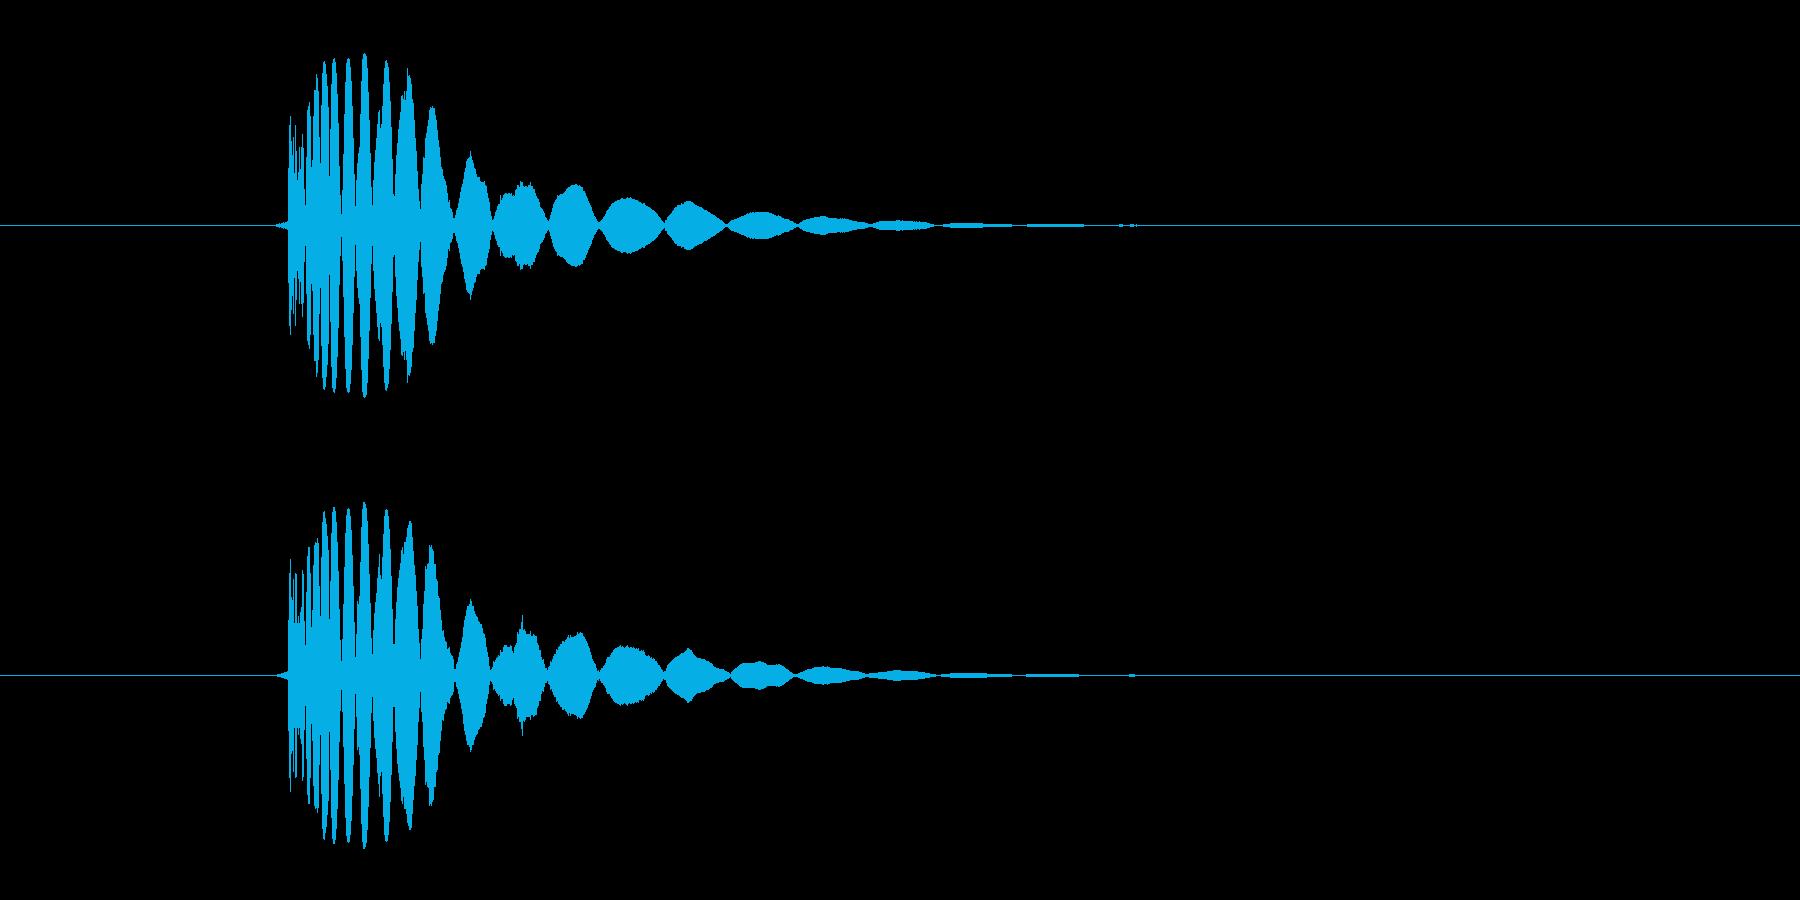 ヒット音(蹴る-2 打撃のインパクト音)の再生済みの波形